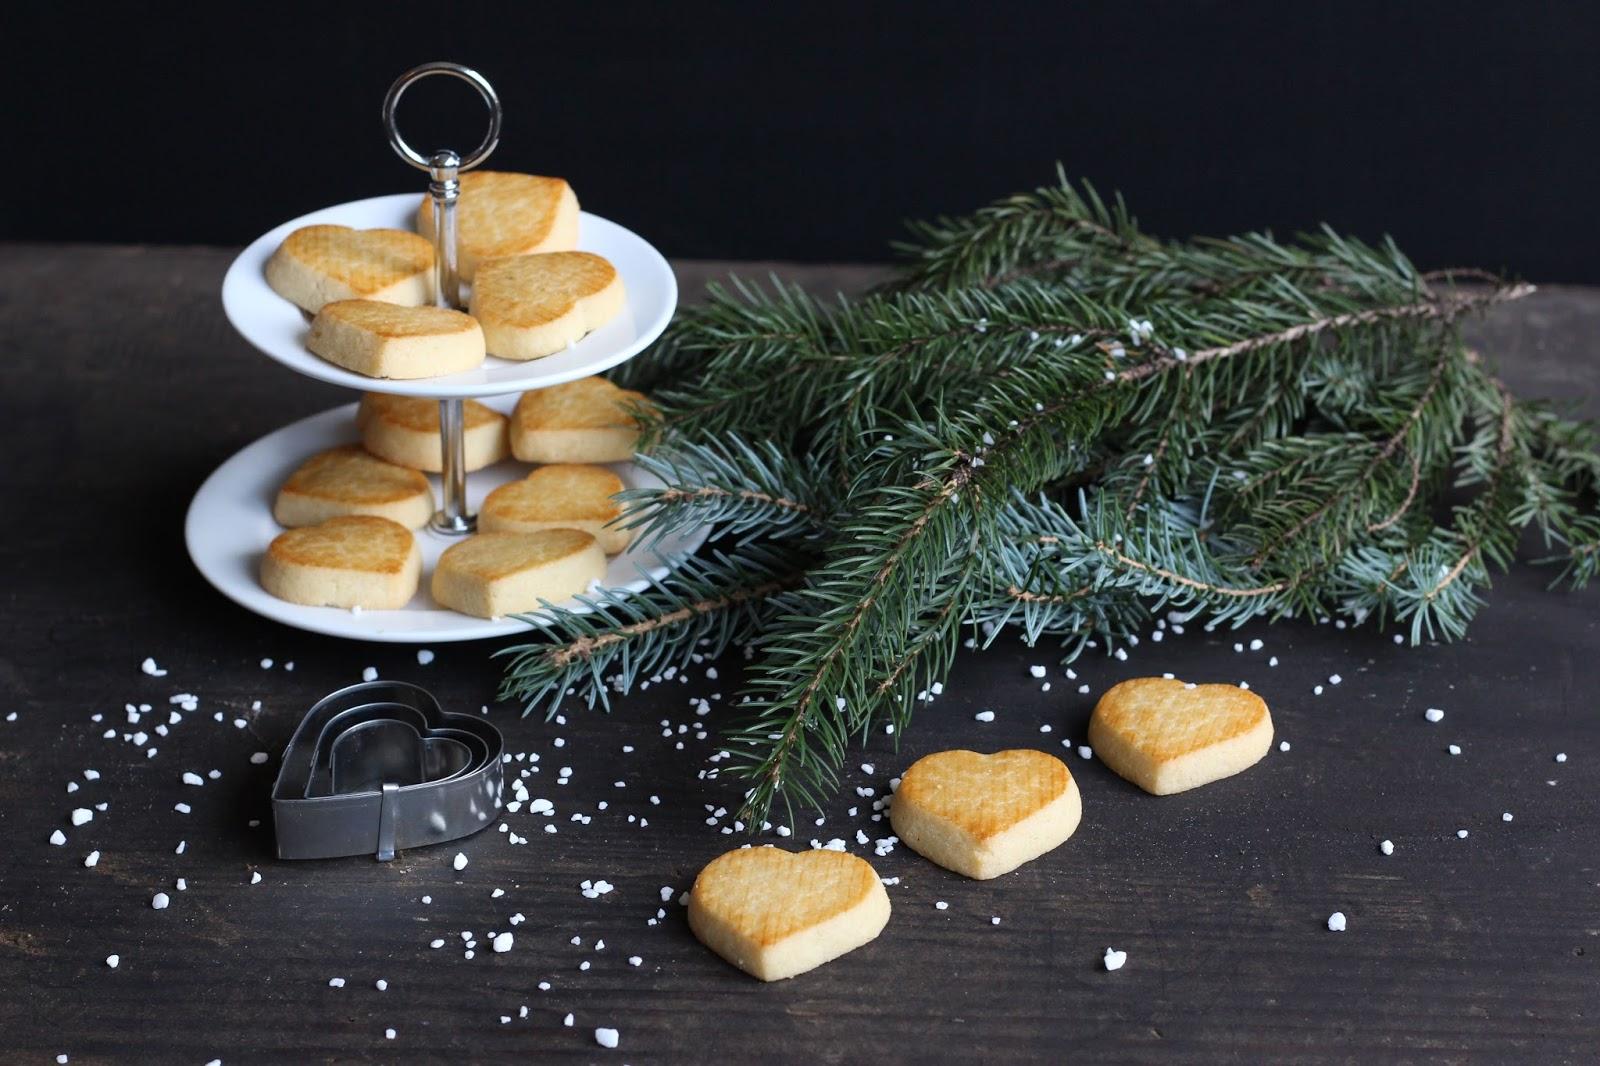 Weihnachtsplätzchen Schweiz.Mailänderli Das Beliebte Schweizer Butter Guetzli